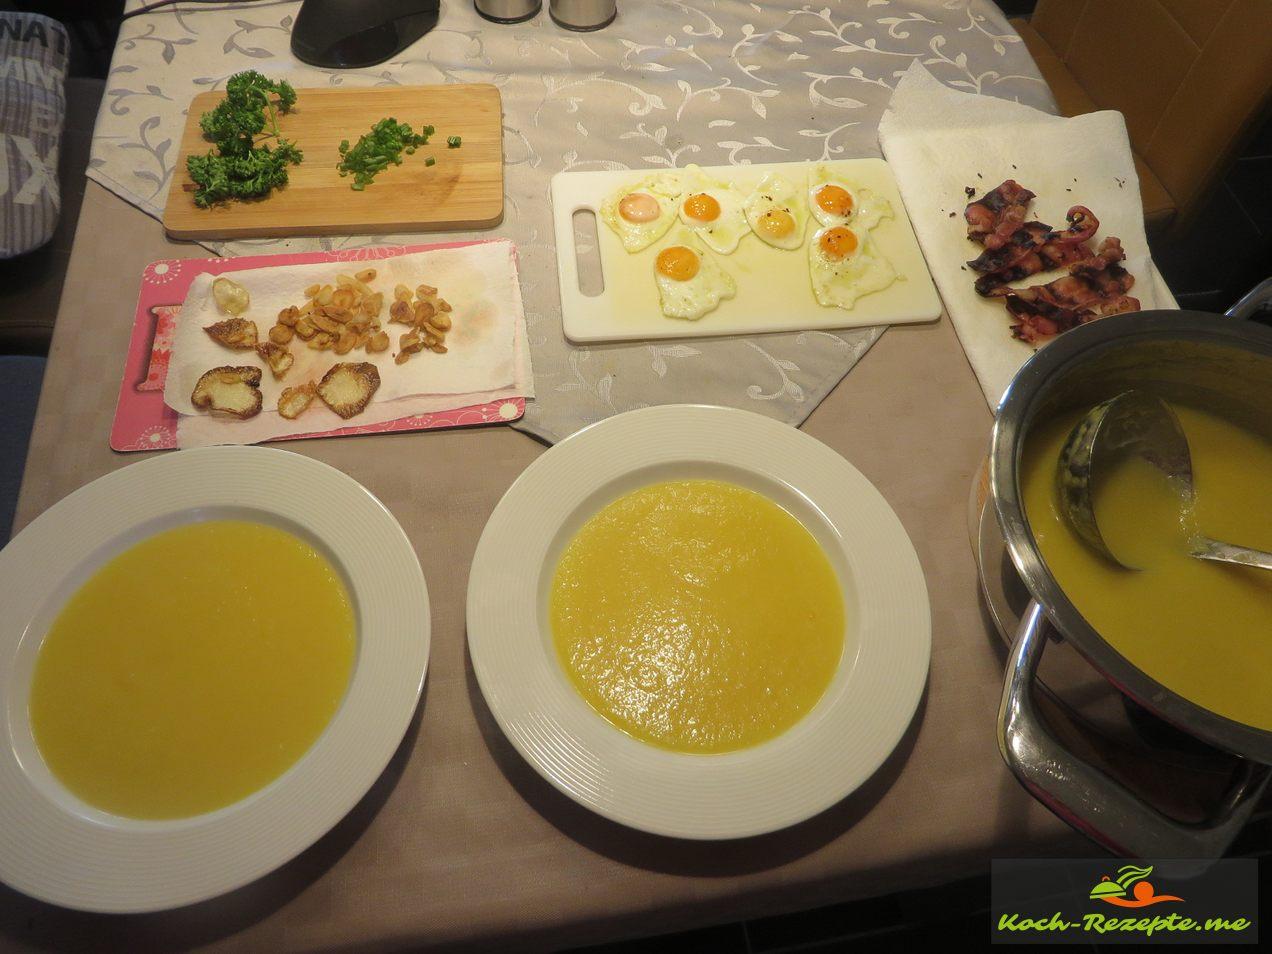 Mairübchen Suppe pro Portion ohne Einlagen vegetarisch 365 Kalorien